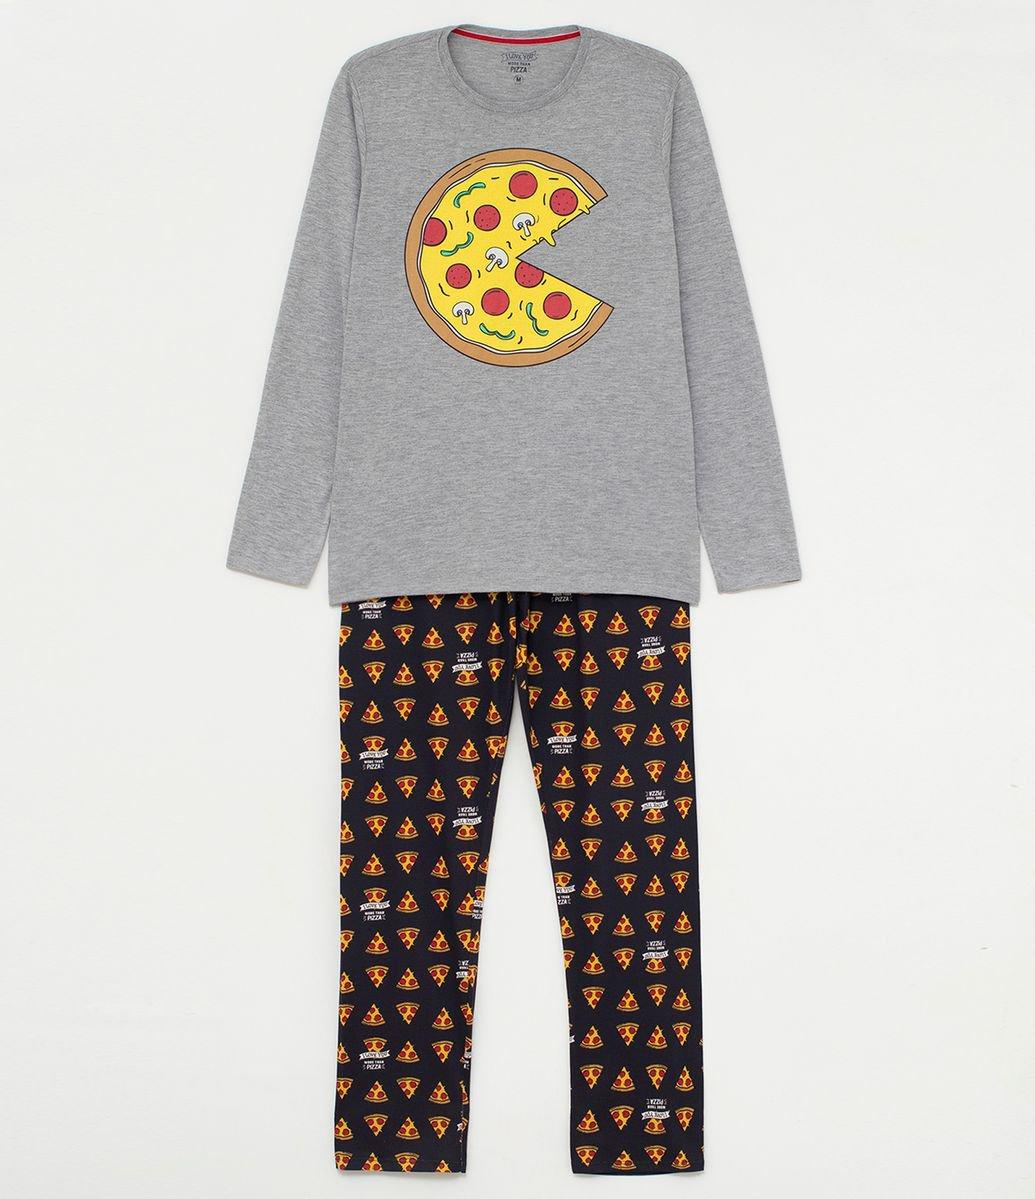 85b2bed0ab783e Pijama Longo com Estampa Pizza